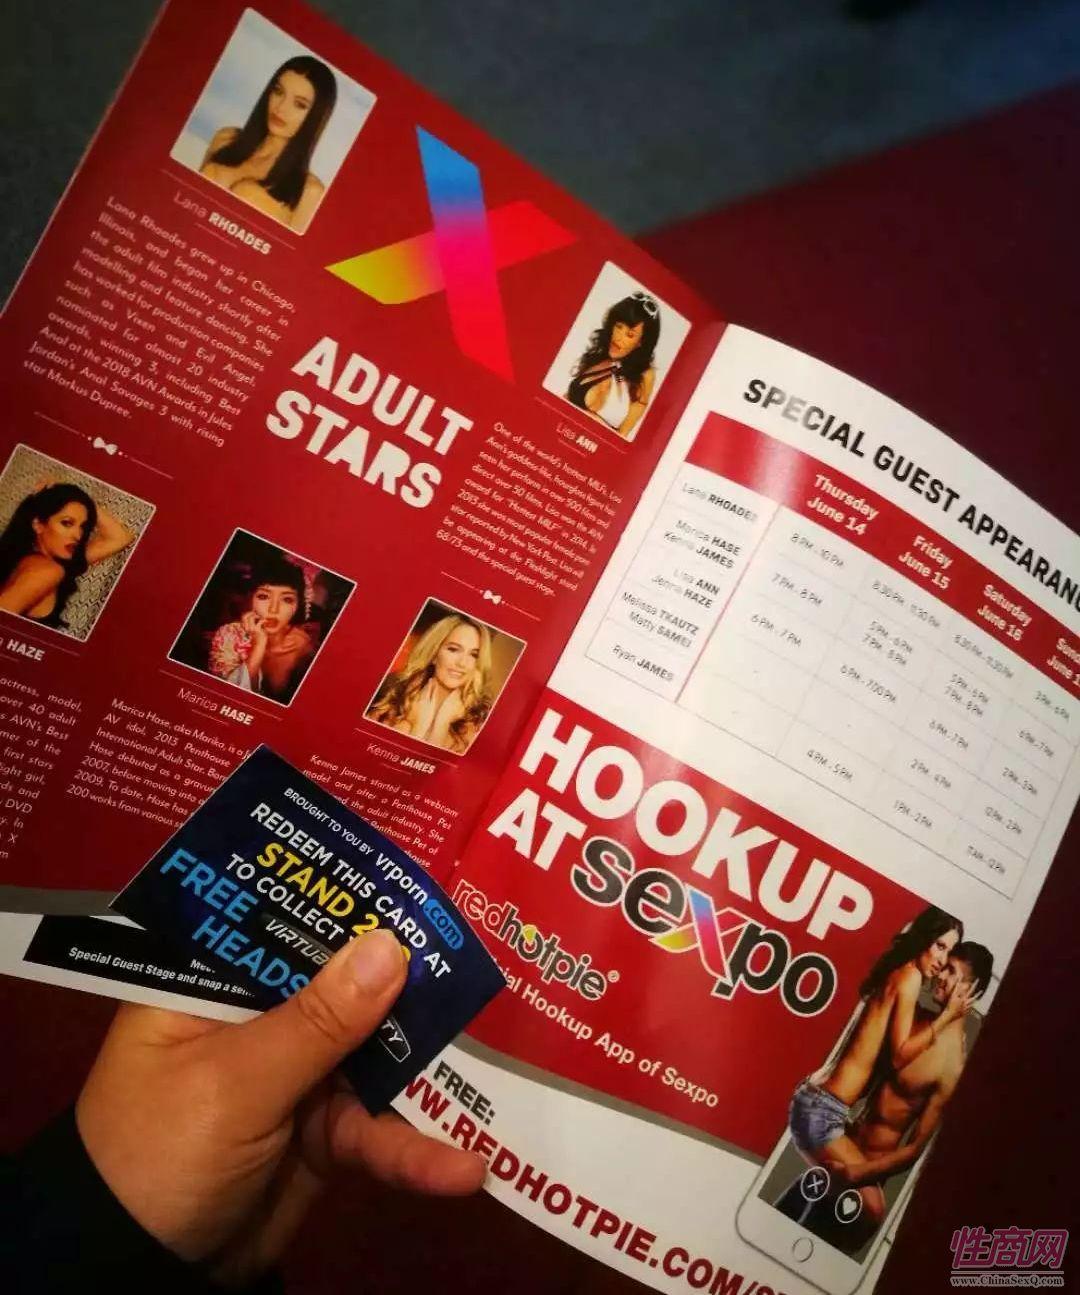 参展手册上有表演时间表和特邀的爱情动作片女明星介绍